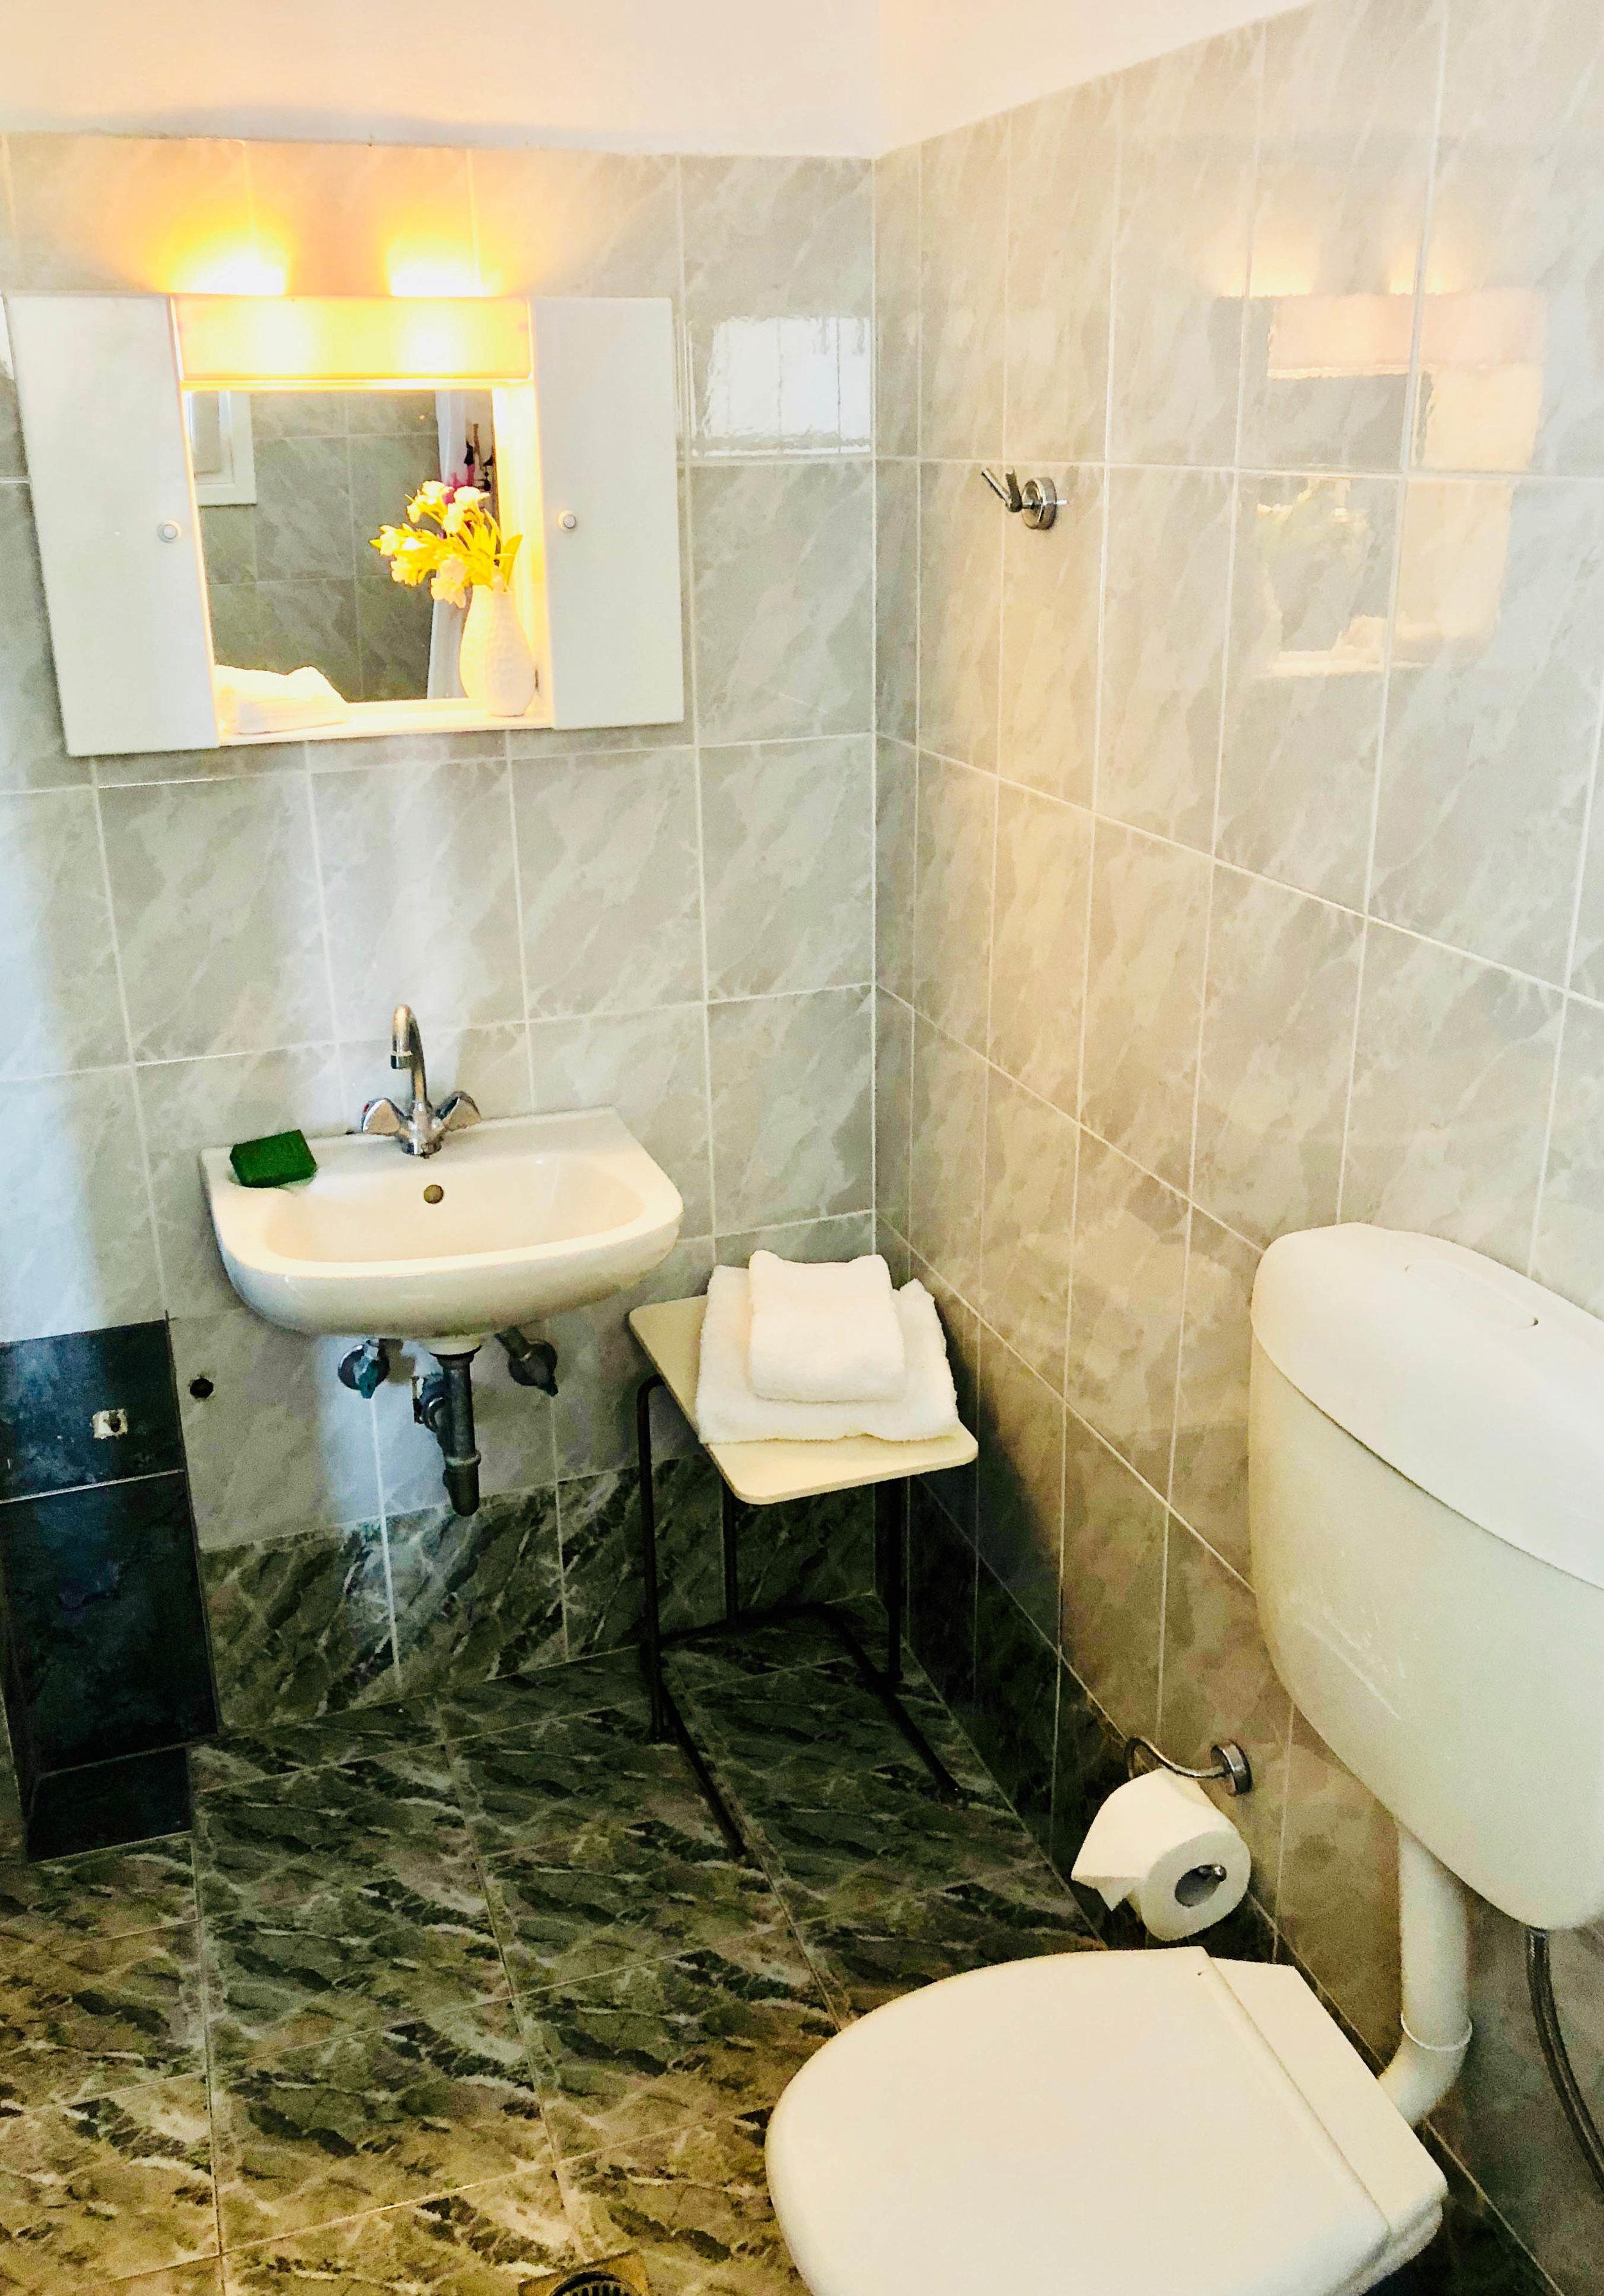 Private en suite bathroom.